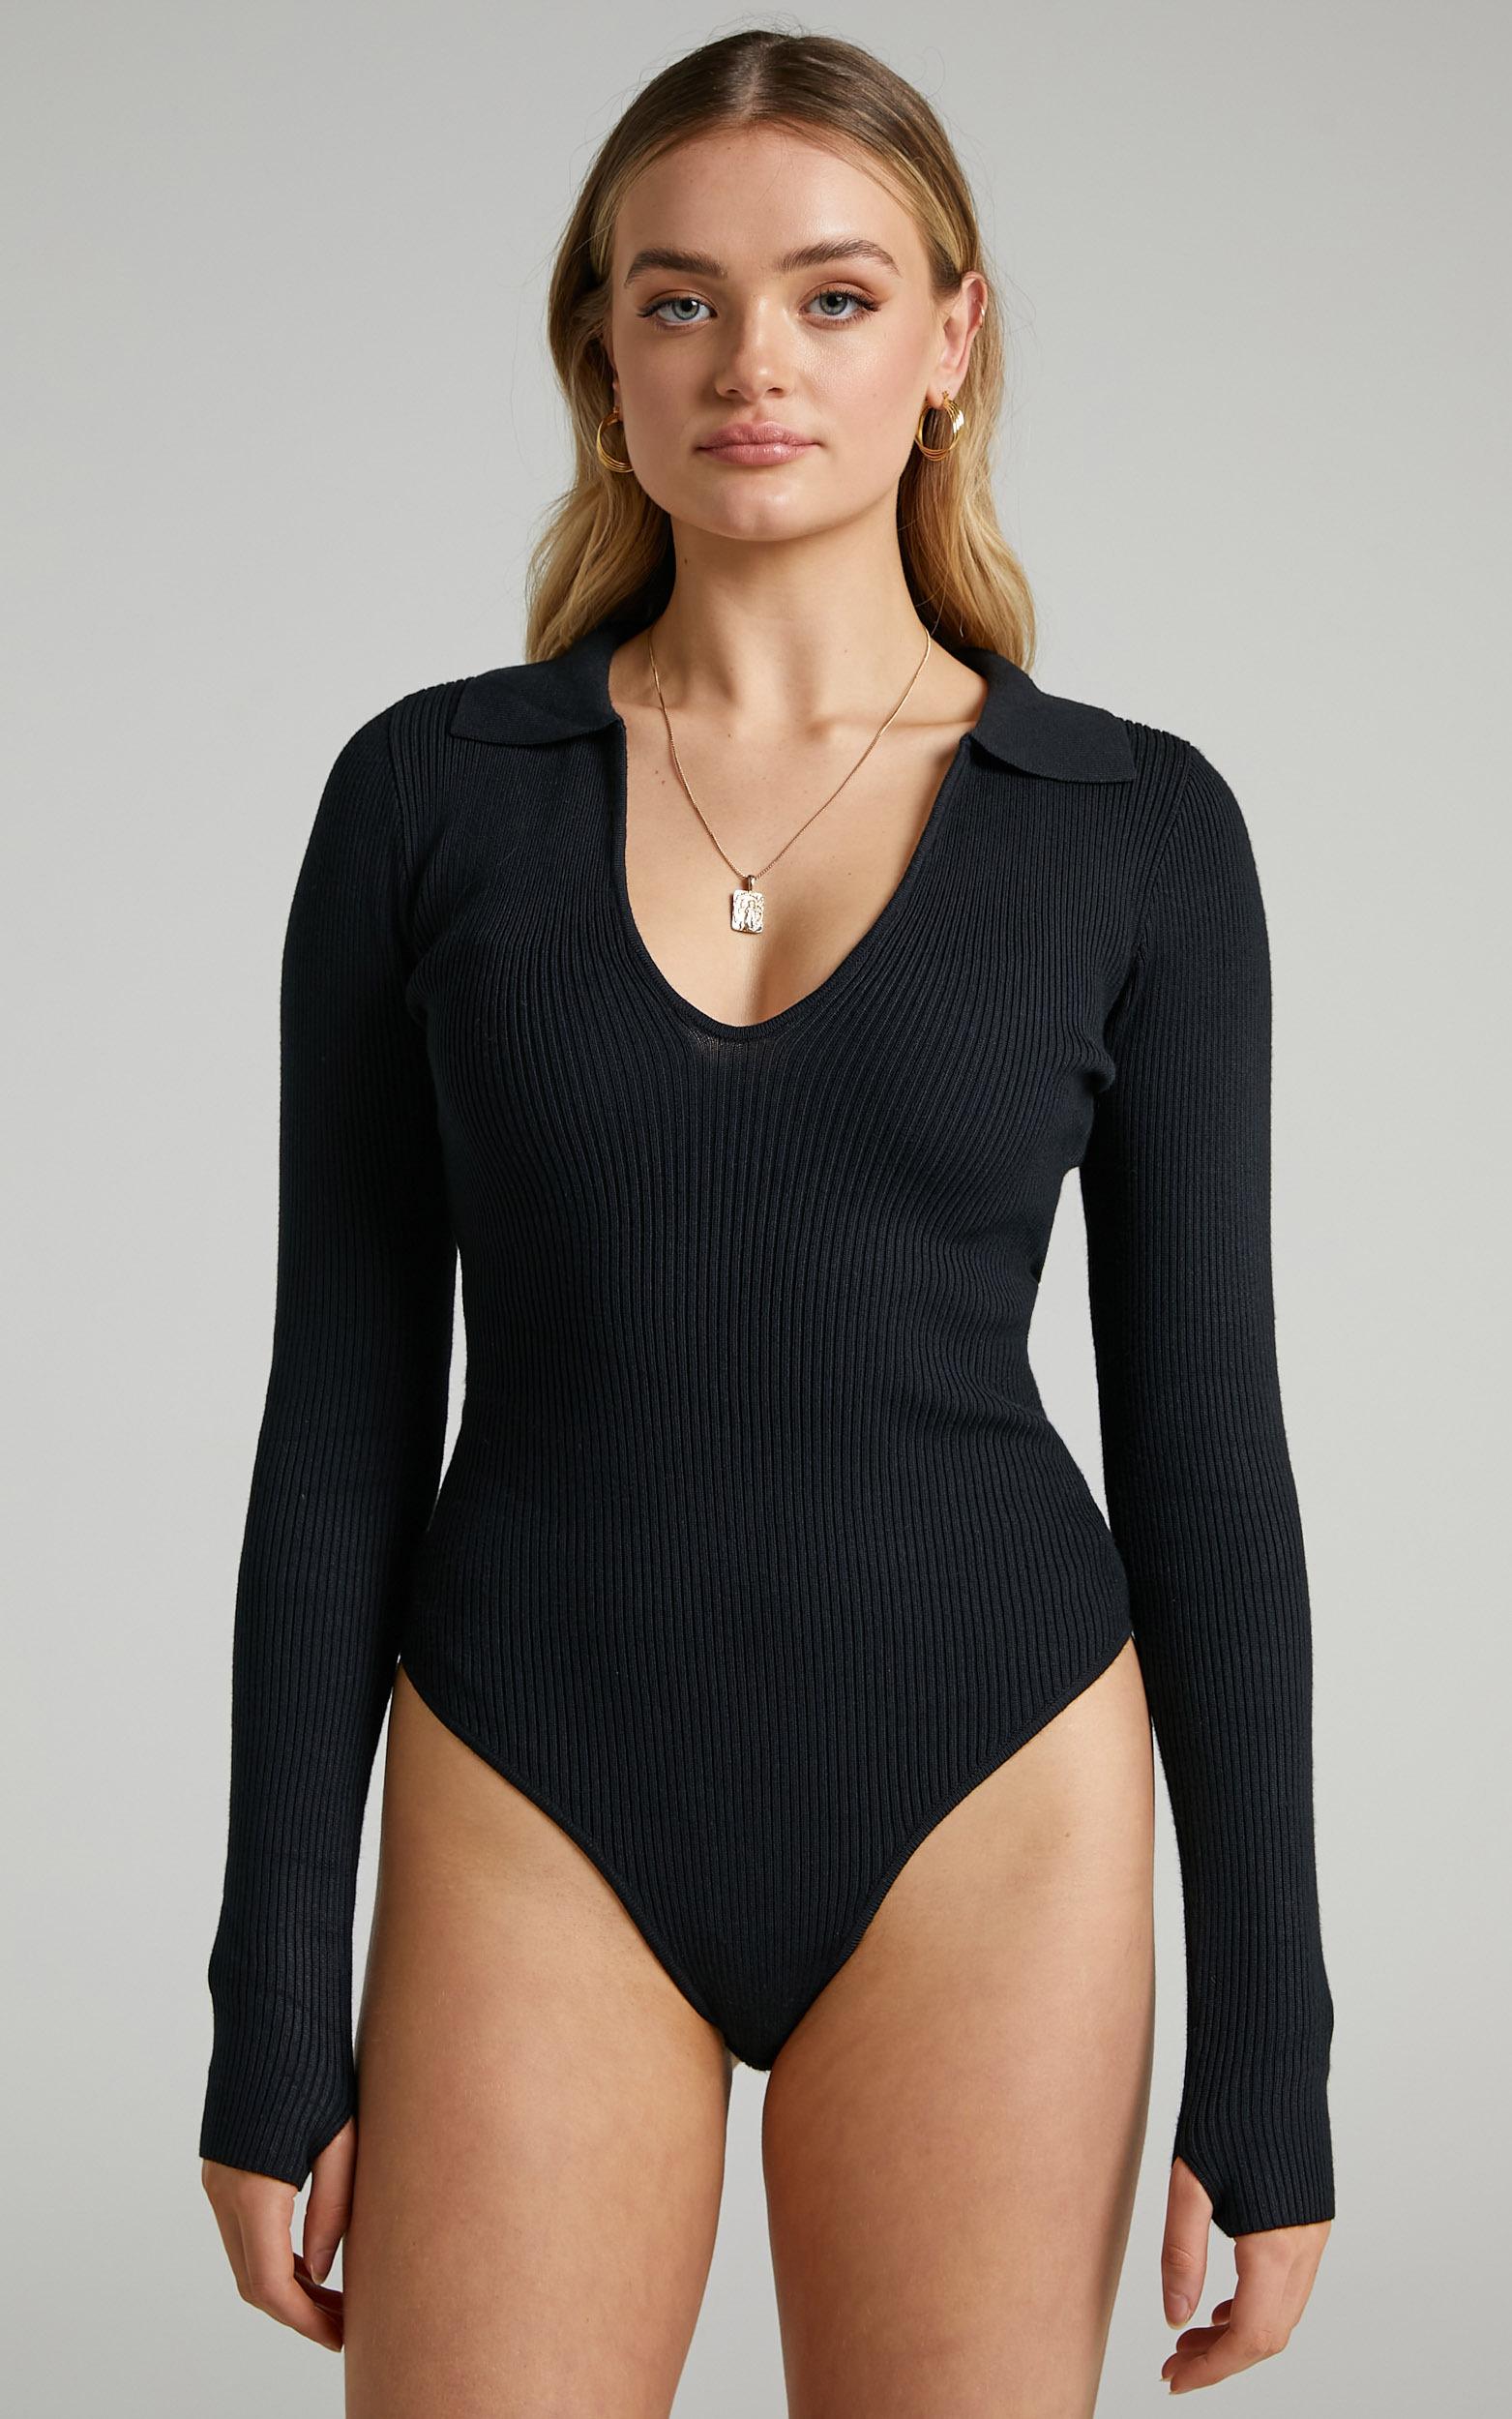 Coco V Neck Bodysuit in Black - 06, BLK1, hi-res image number null